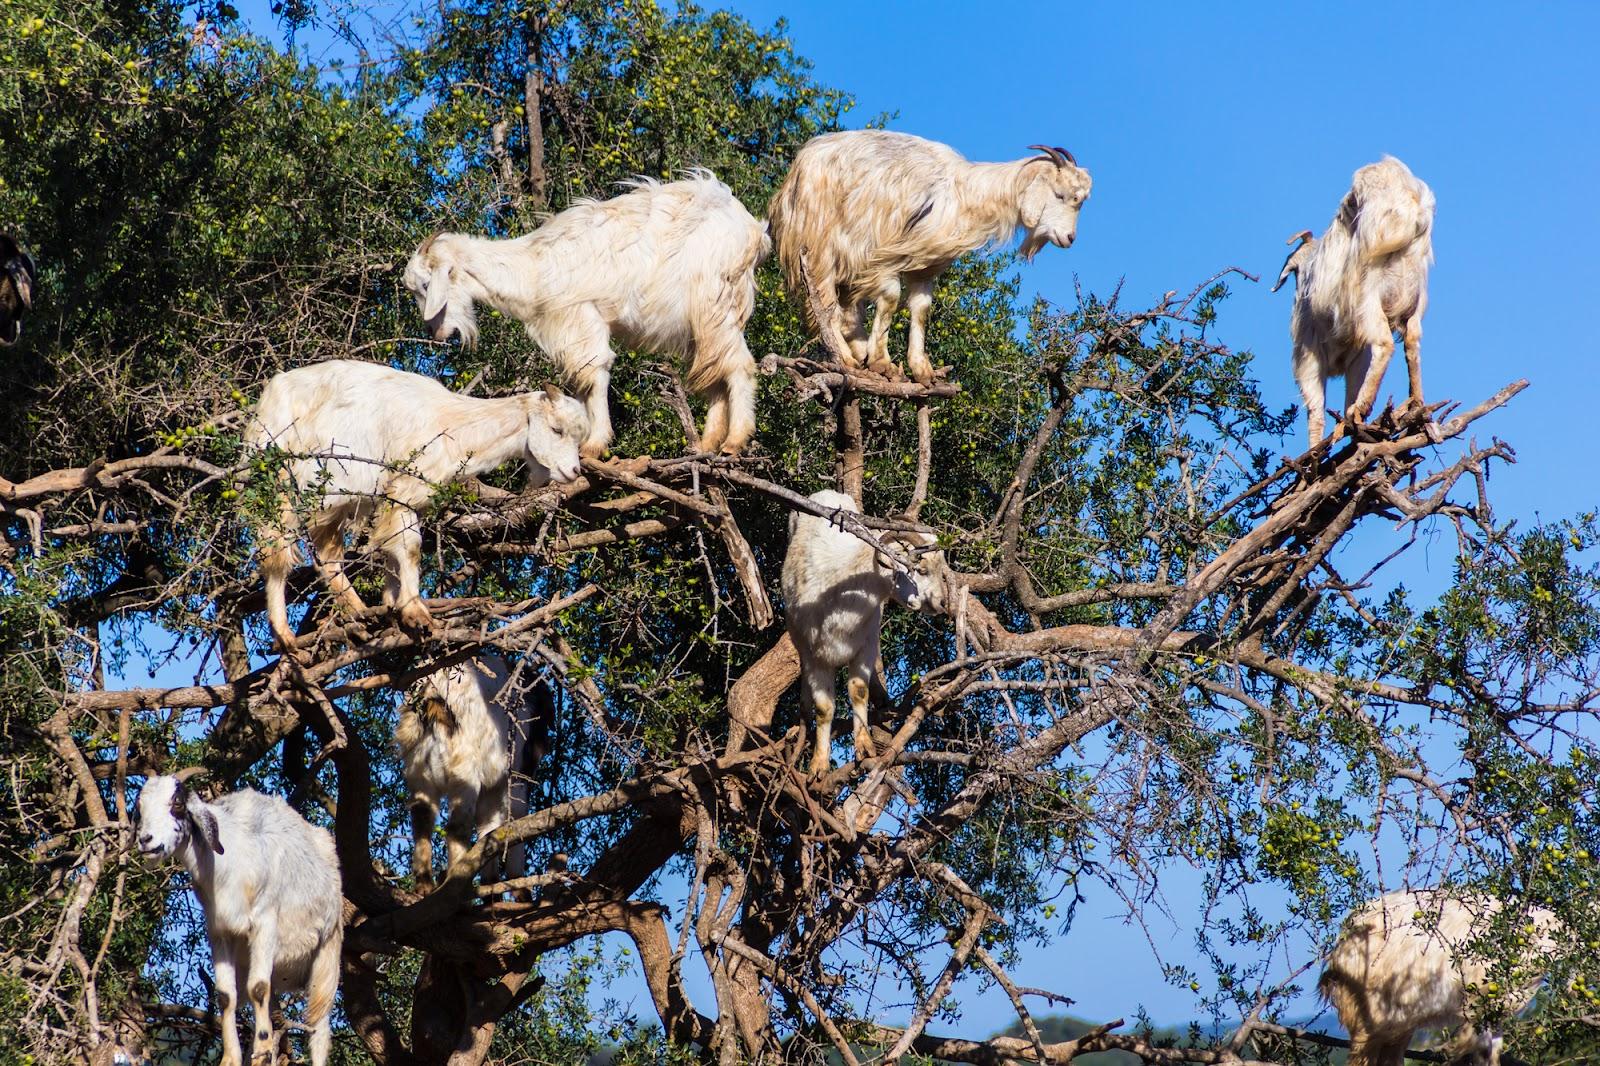 アルガンオイルを作りだす【アルガンツリー(アルガンの木)】は、アフリカ大陸北西端部にのみ自生している樹木です。 アルガンオイルは、1年間雨が降らなくても生きていけるという強い生命力をもつアルガンツリーの種子から抽出され「モロッコの黄金」と称されています。 ヤギがこの木に登ってまで熟す前の果実や葉を食べています。